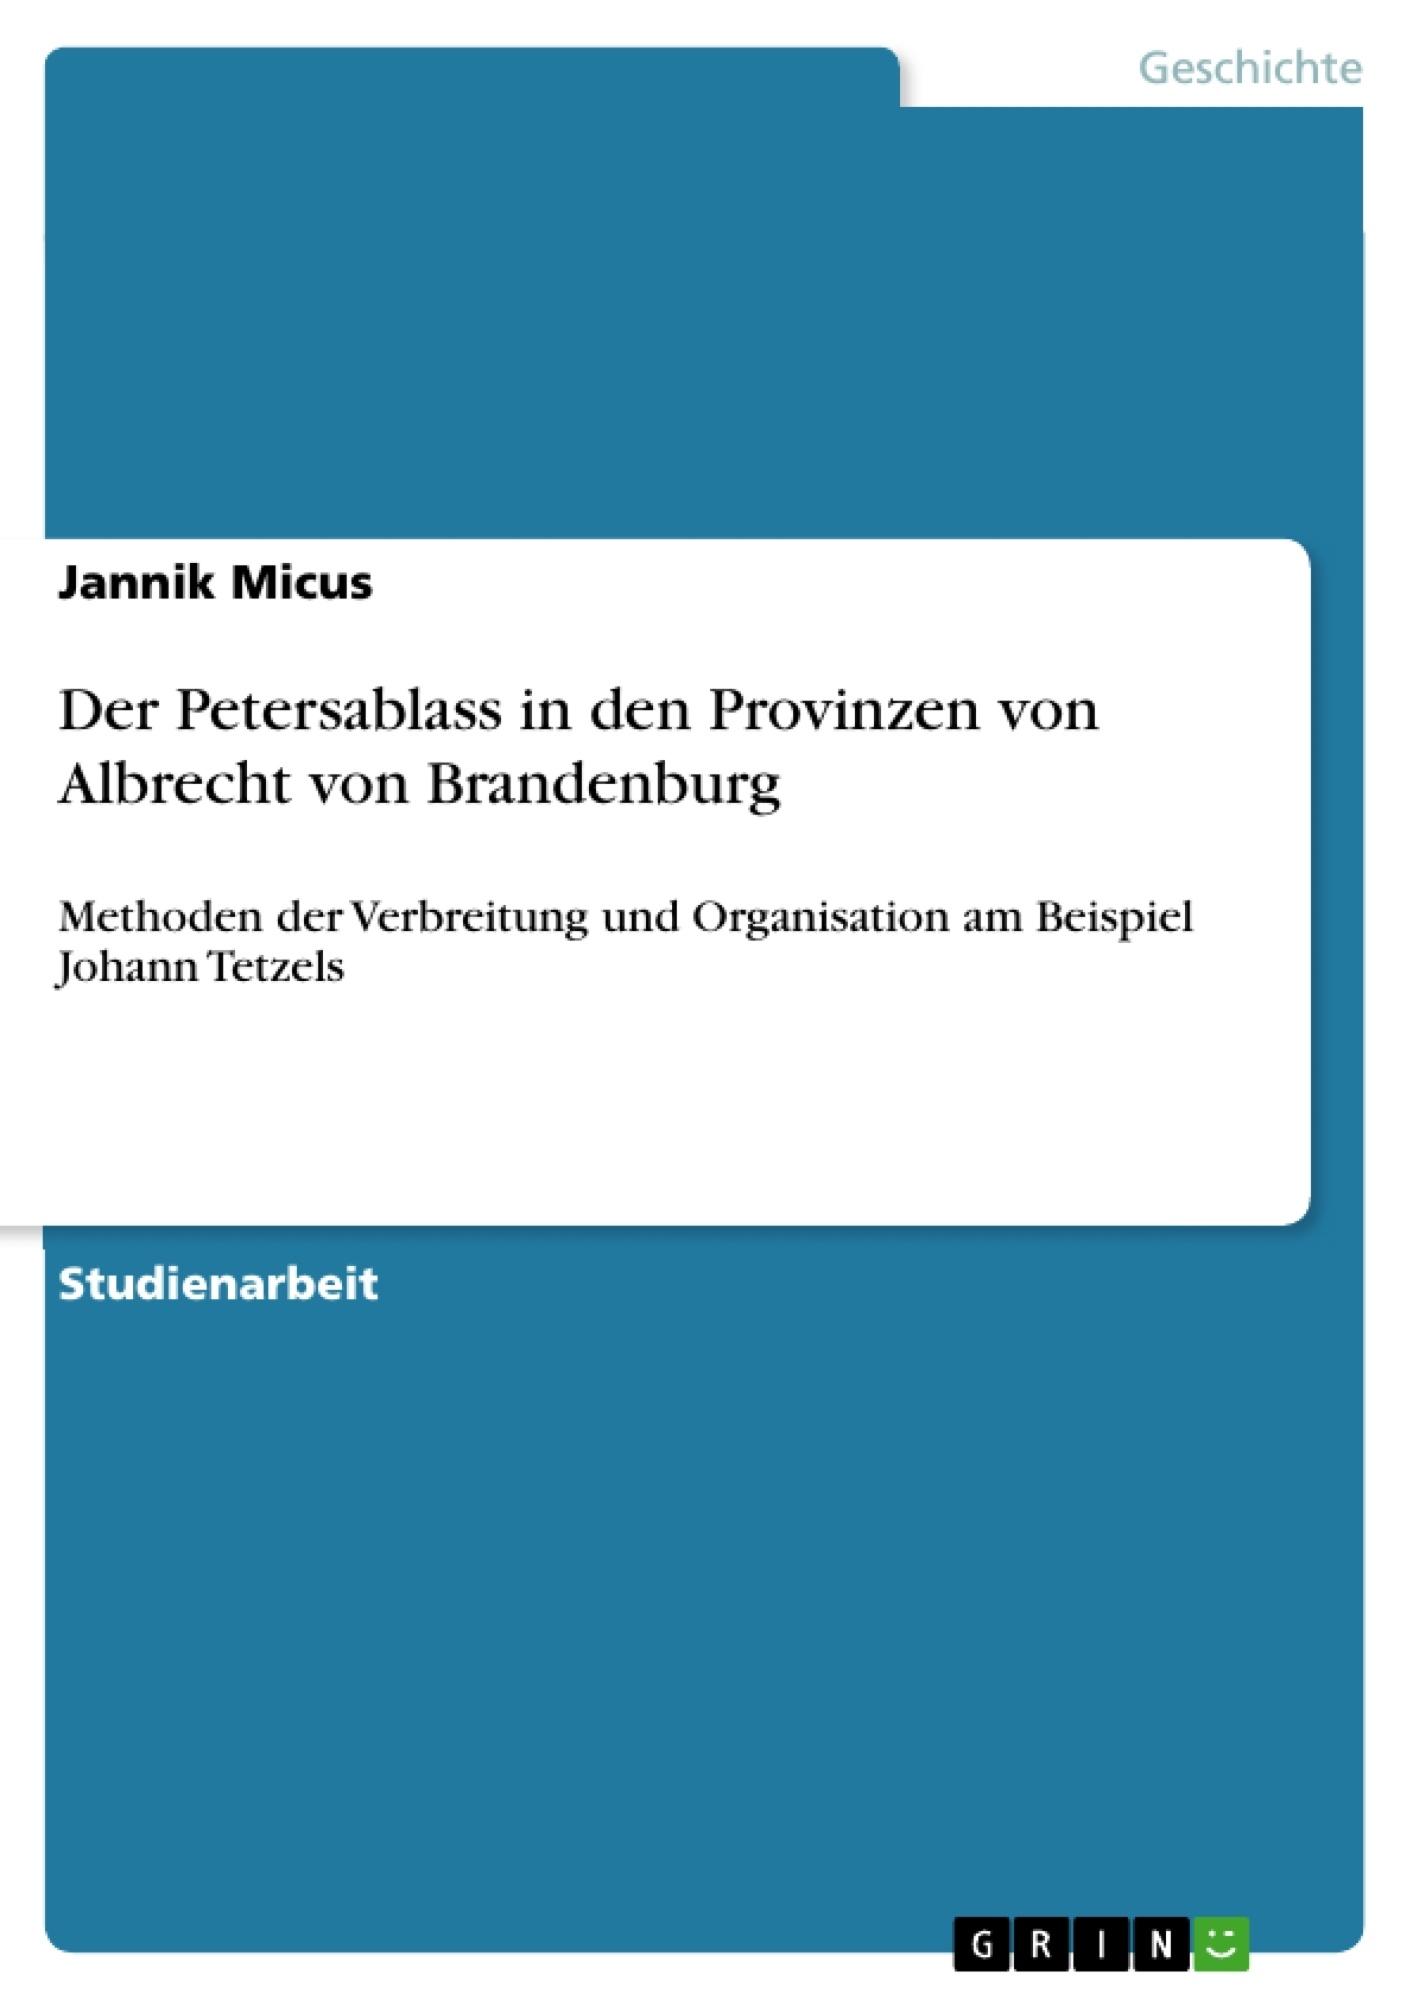 Titel: Der Petersablass in den Provinzen von Albrecht von Brandenburg